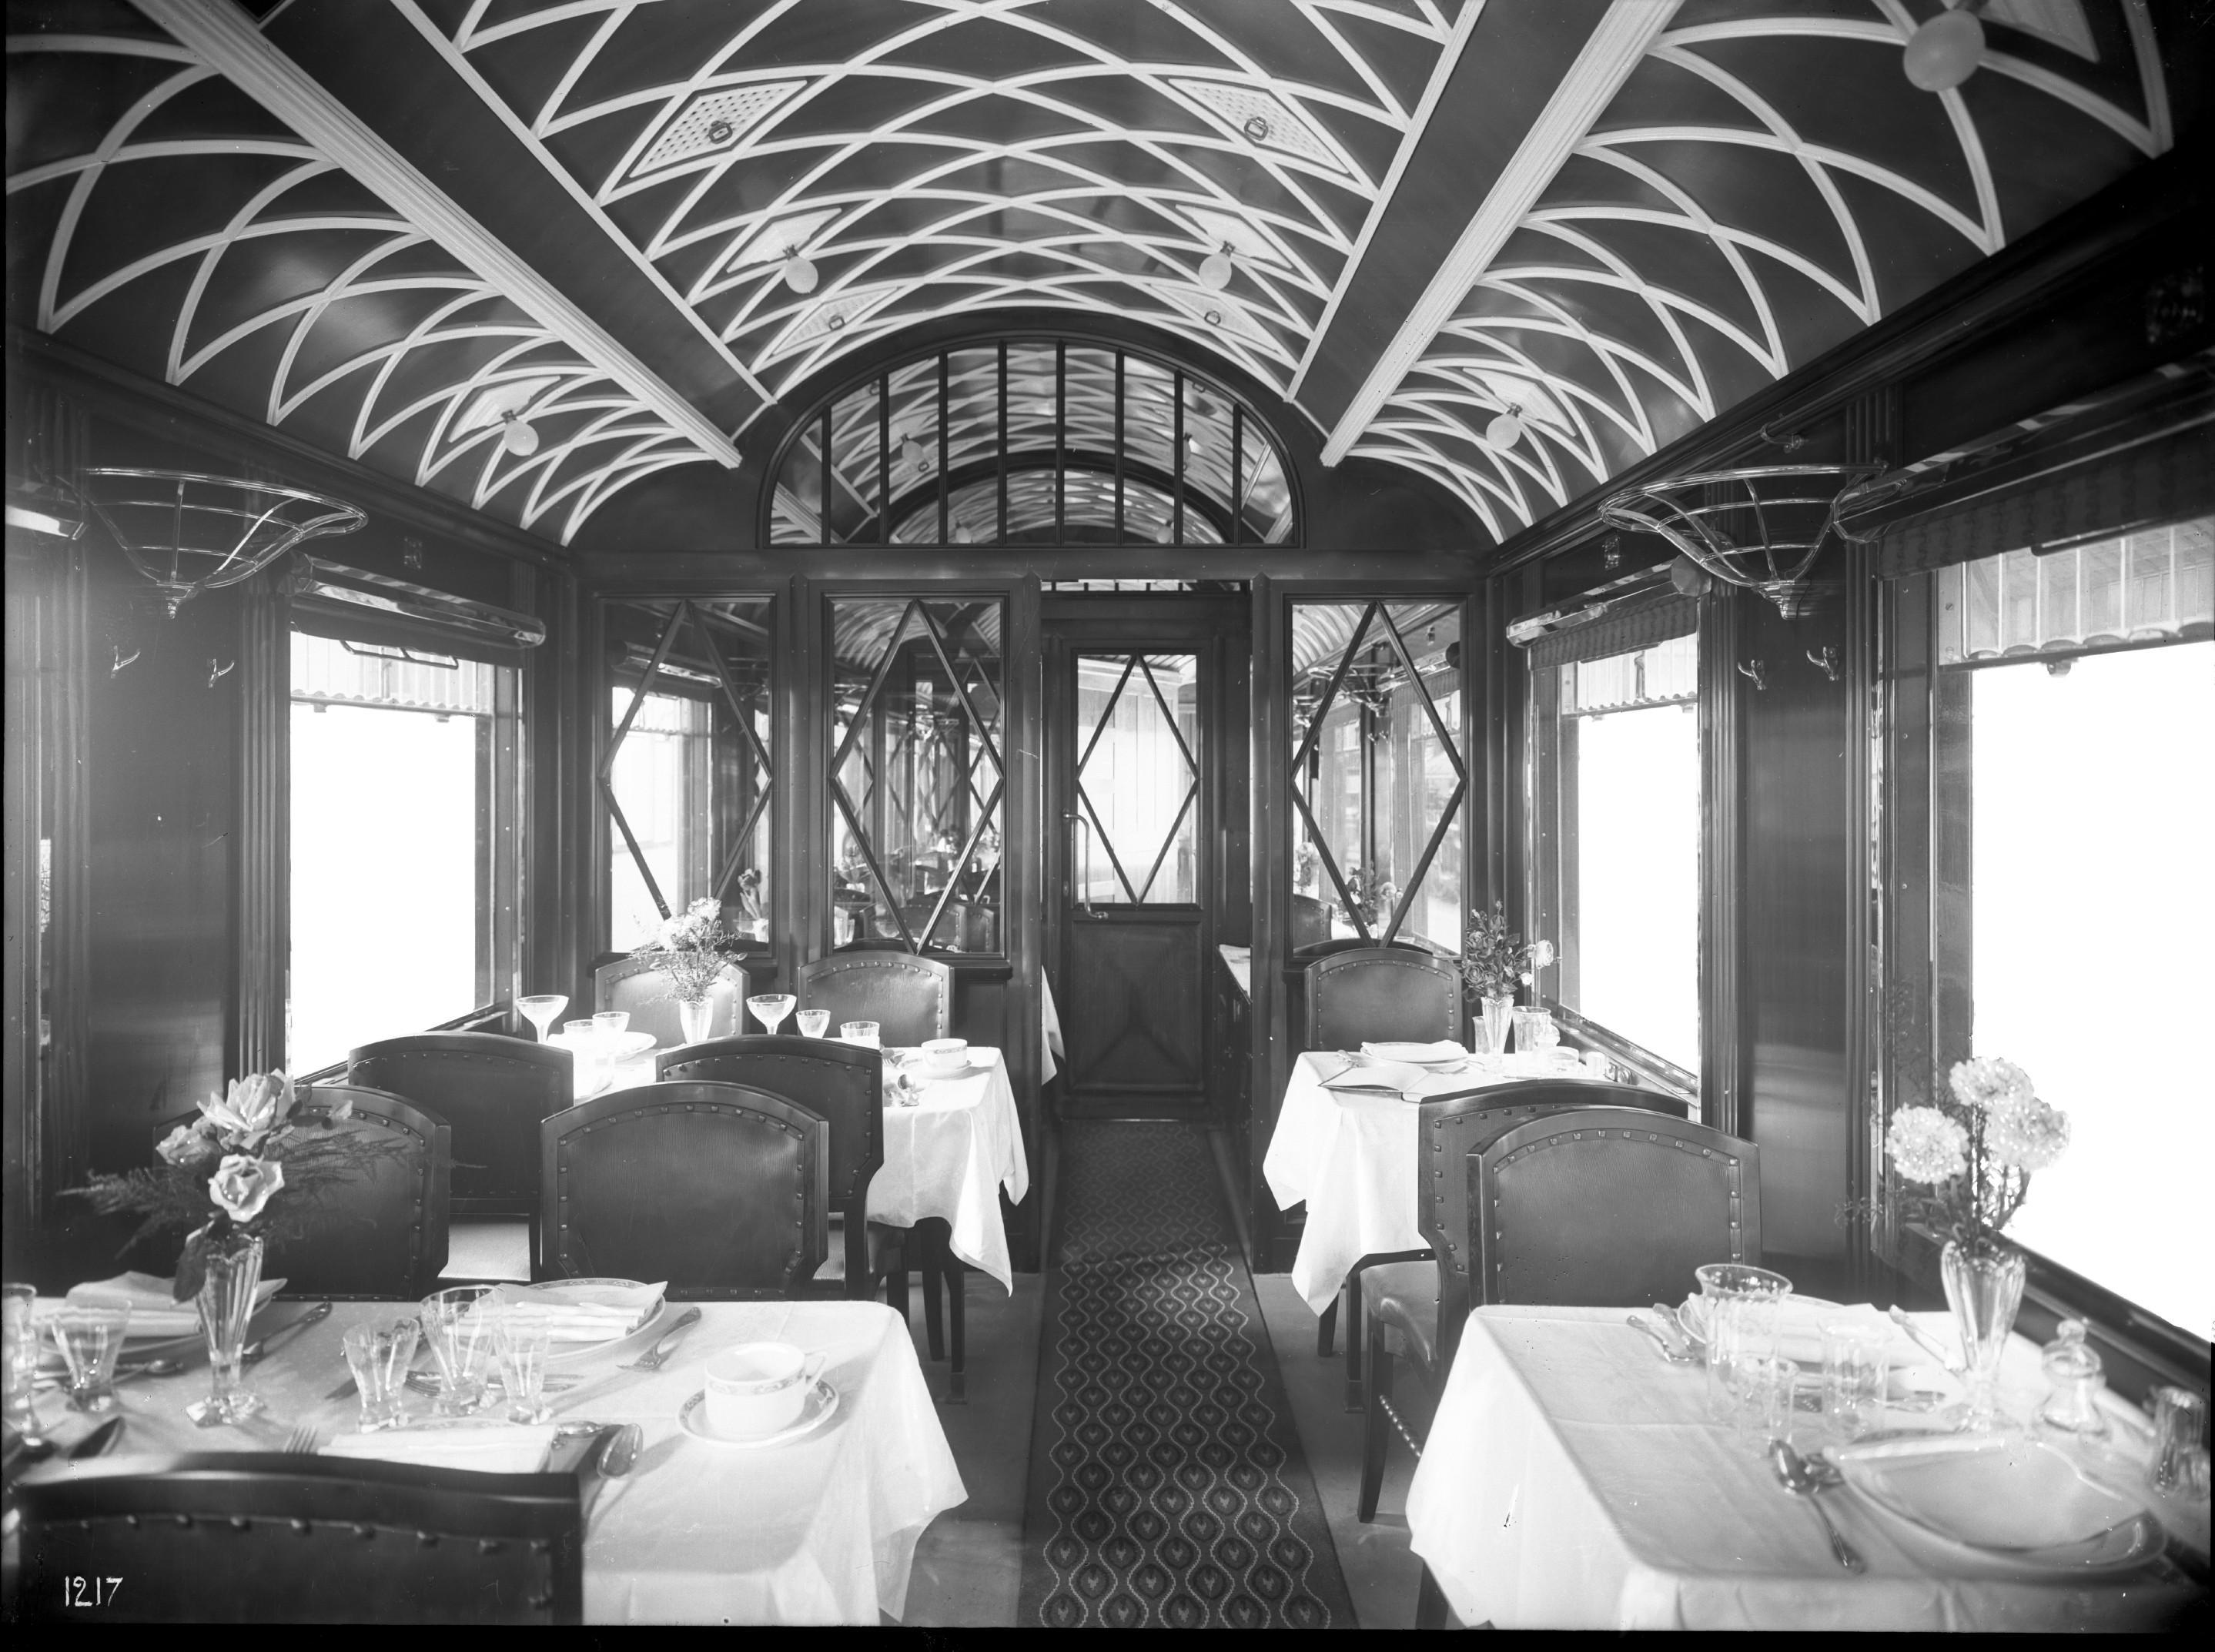 Speisewagen, Deutsche Eisenbahn-Speisewagengesellschaft, Nr.0816, WR6ü, Teak. Innenansicht, 1914